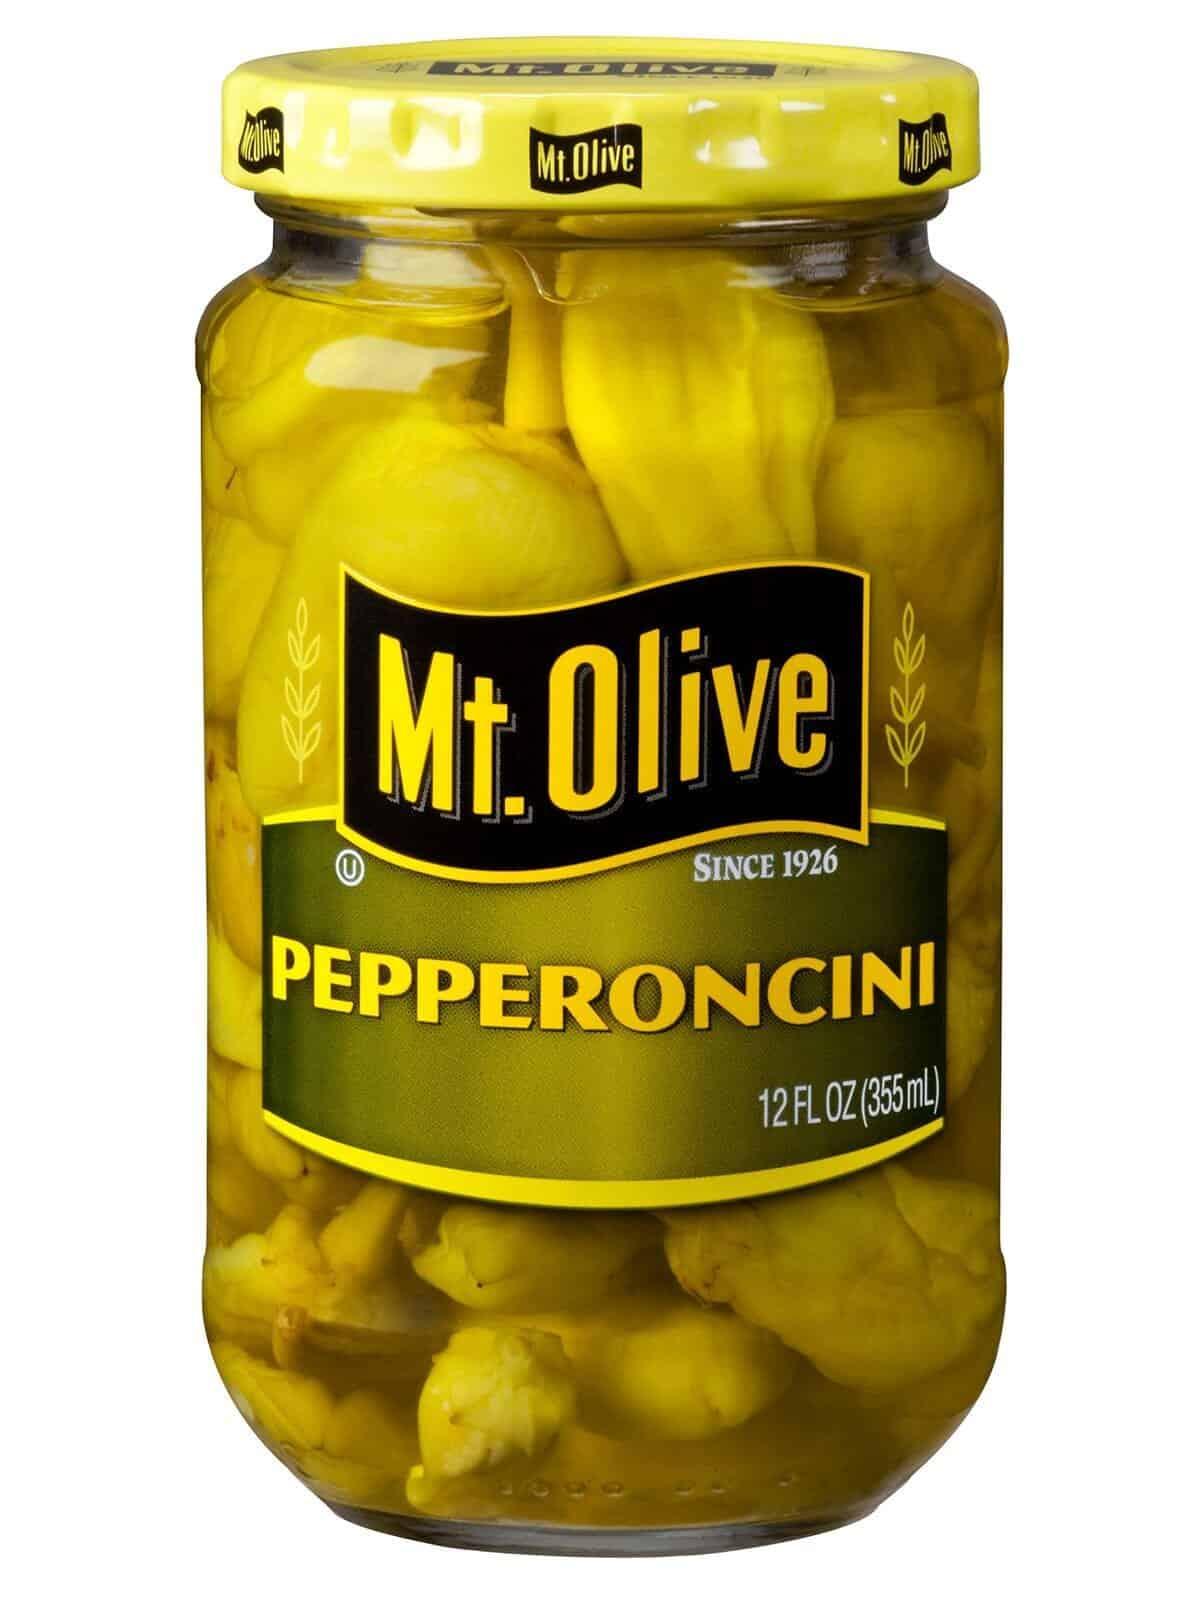 Pepperoncini Jar